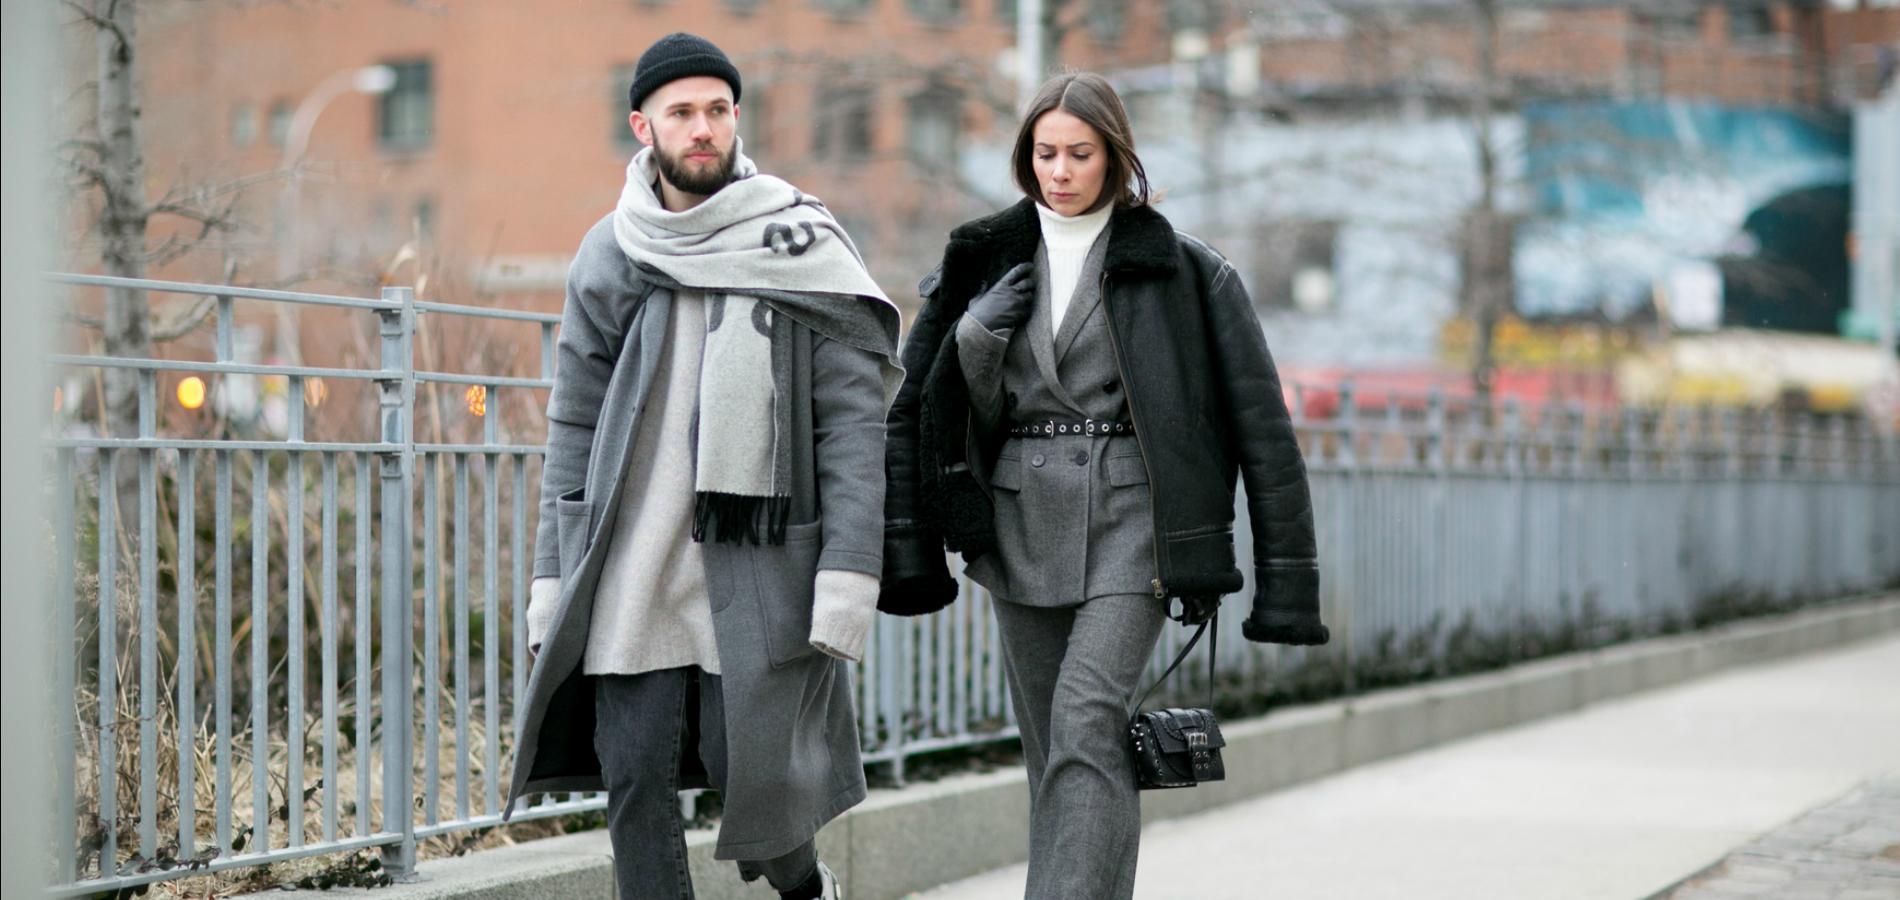 Comment porter une veste classique homme